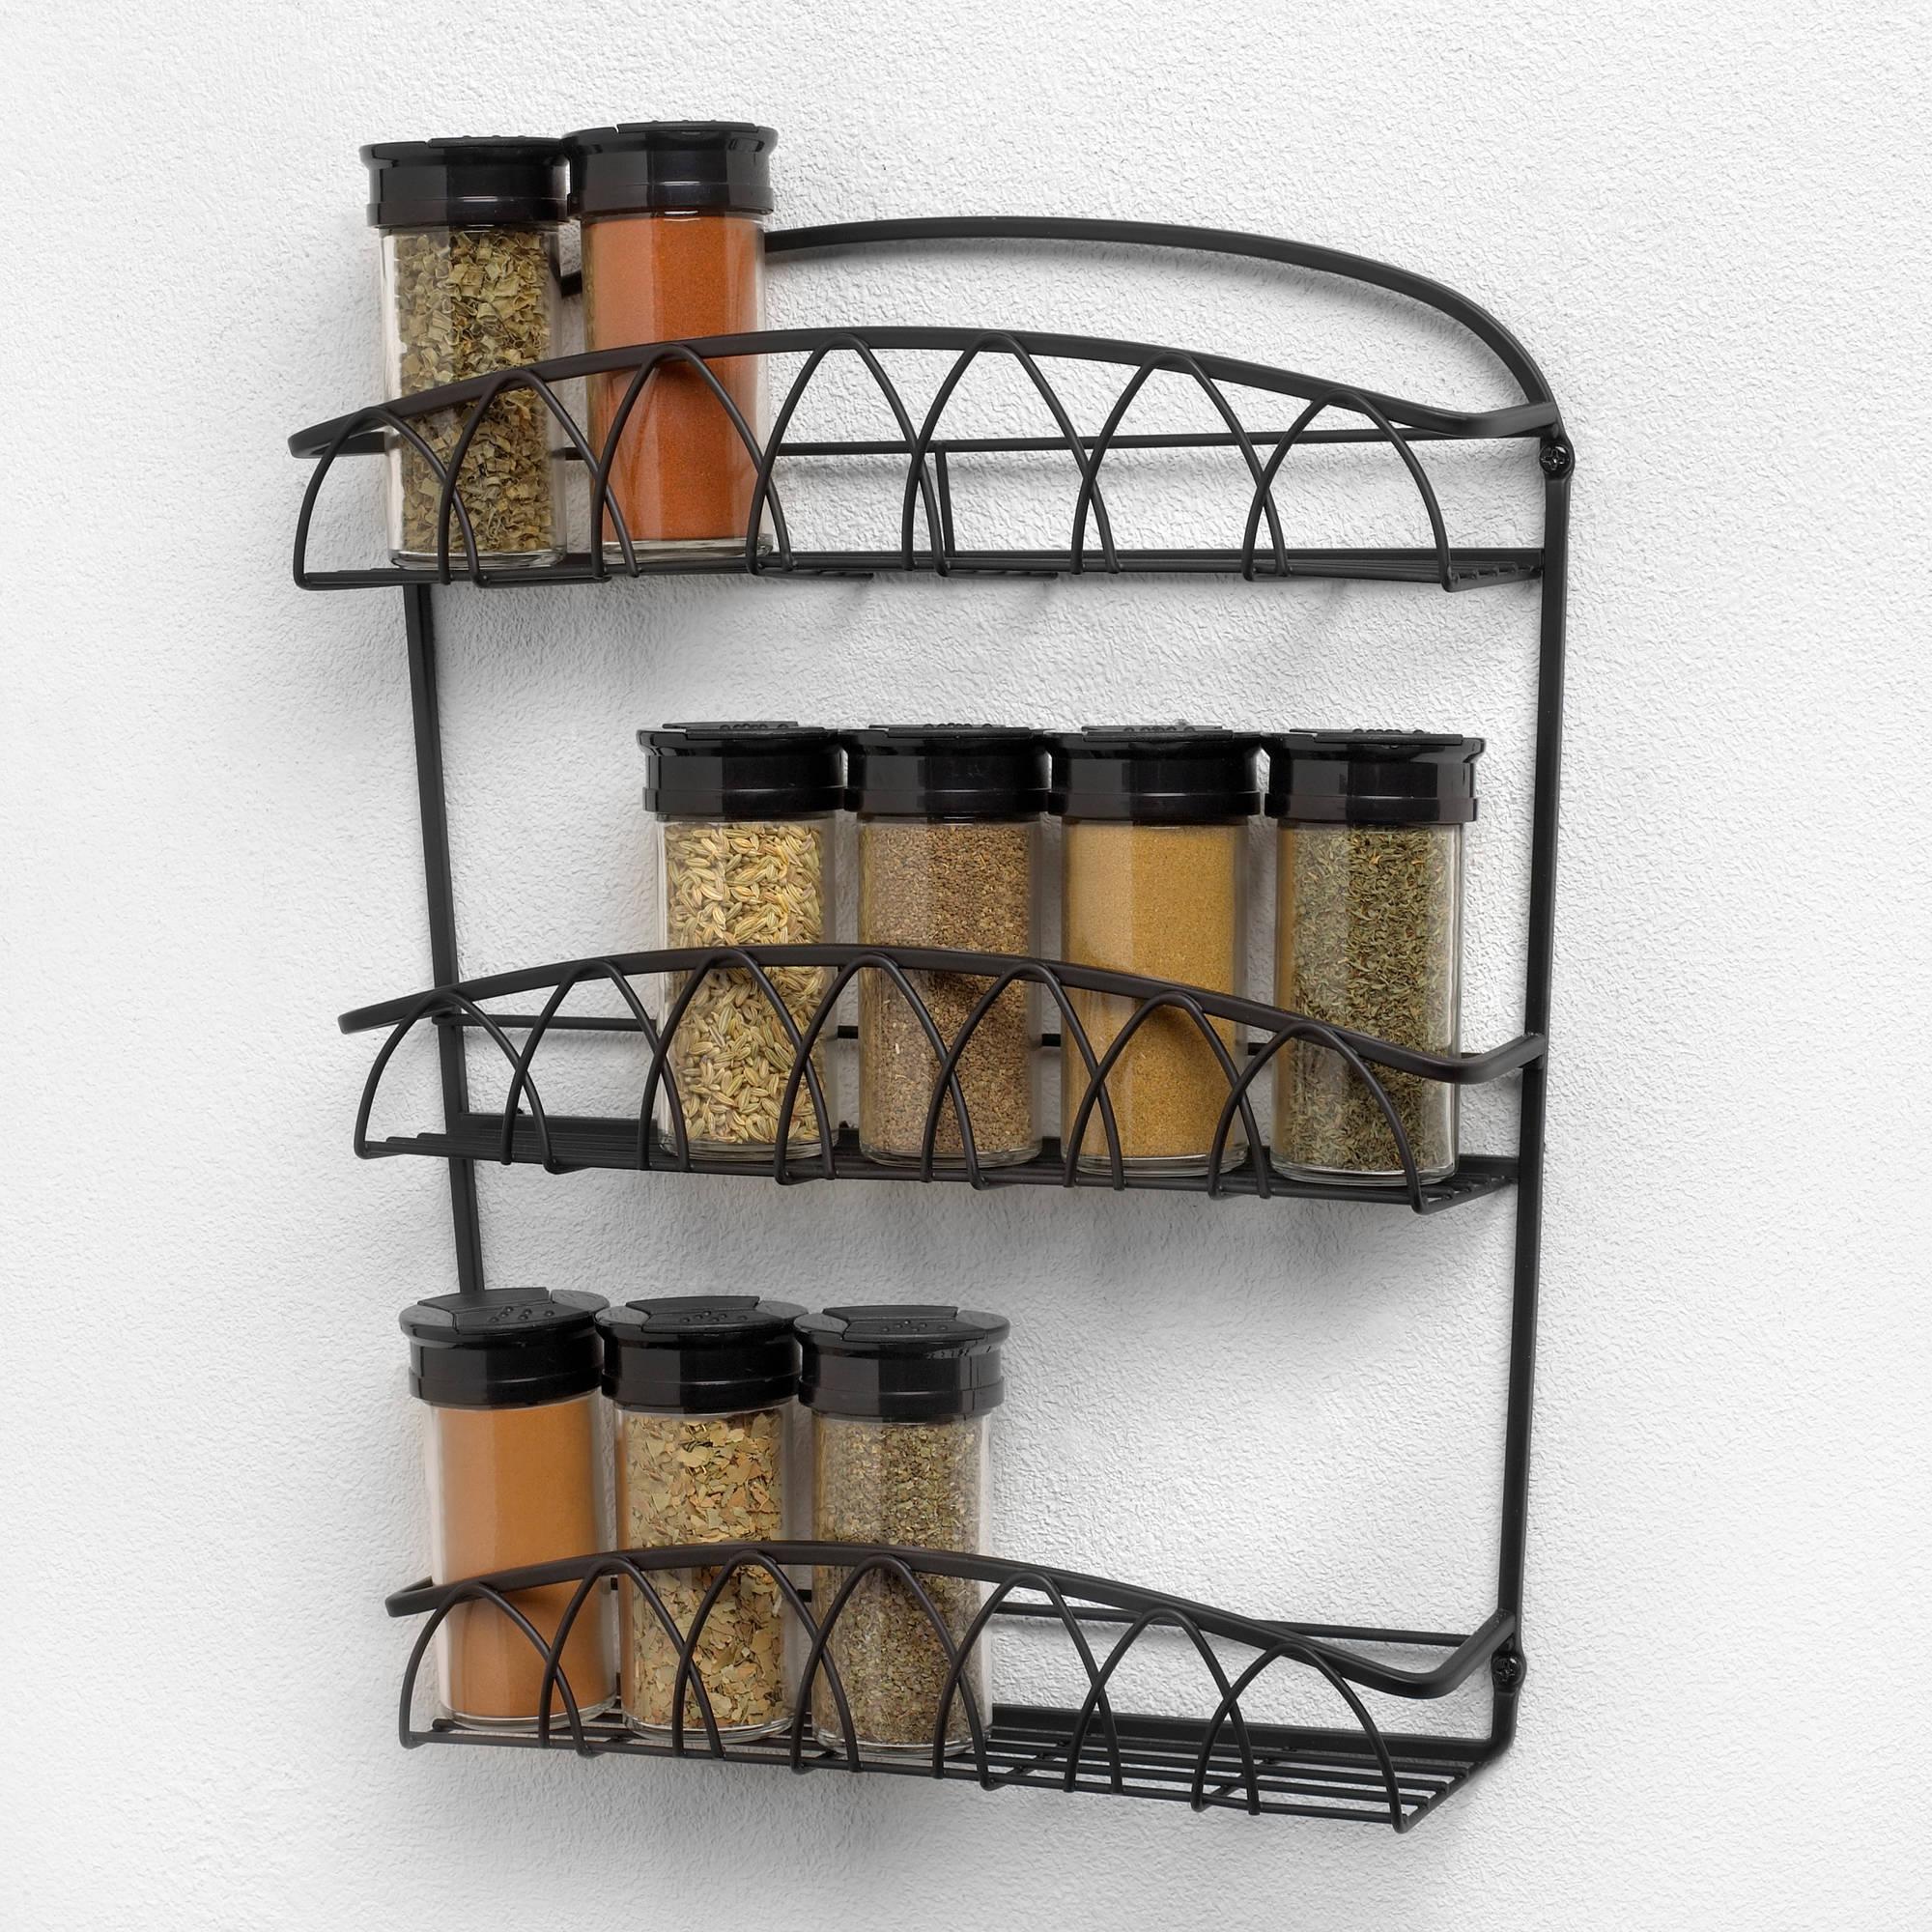 Wall Mounted Spice Rack spectrum 3-tier, 15 bottle wall mount spice rack, black twist